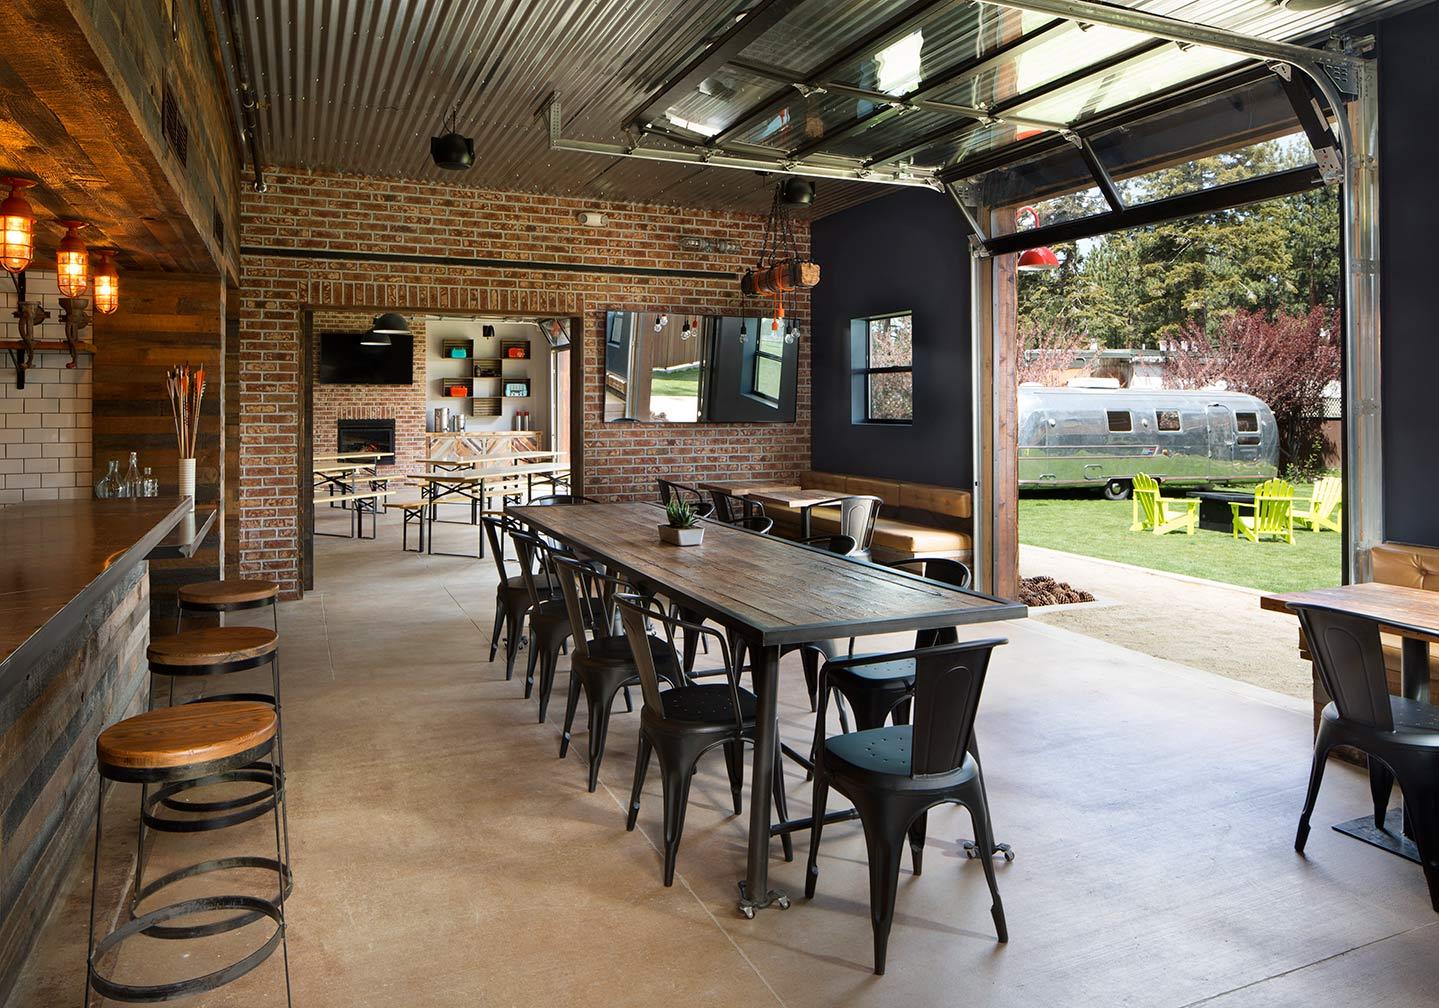 Barn Bar Meeting With Open Doors